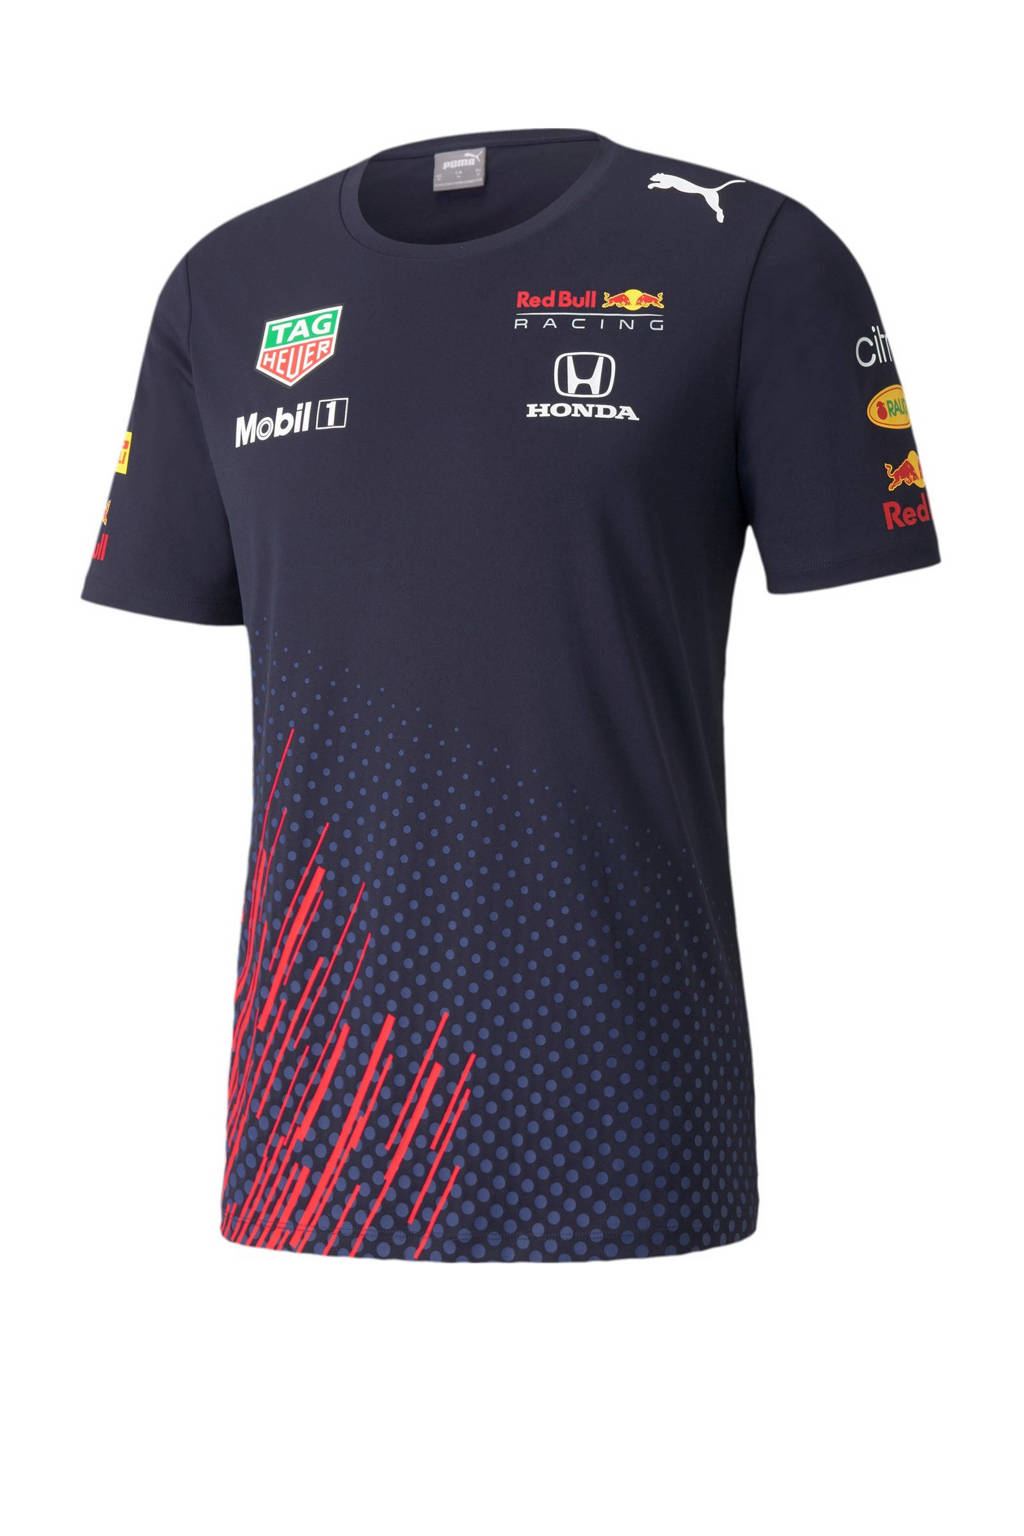 Puma Red Bull Racing Team T-shirt donkerblauw, Donkerblauw